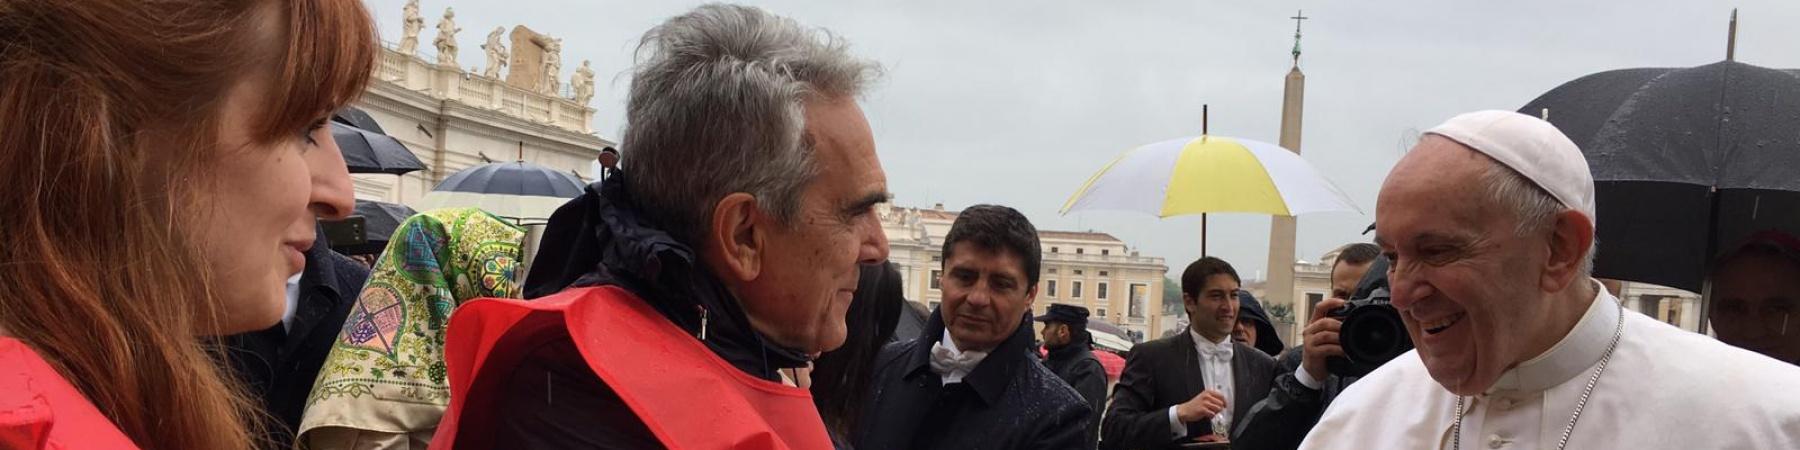 Papa Francesco stringe la mano al Direttore Generale Valerio Neri in Piazza San Pietro a Roma